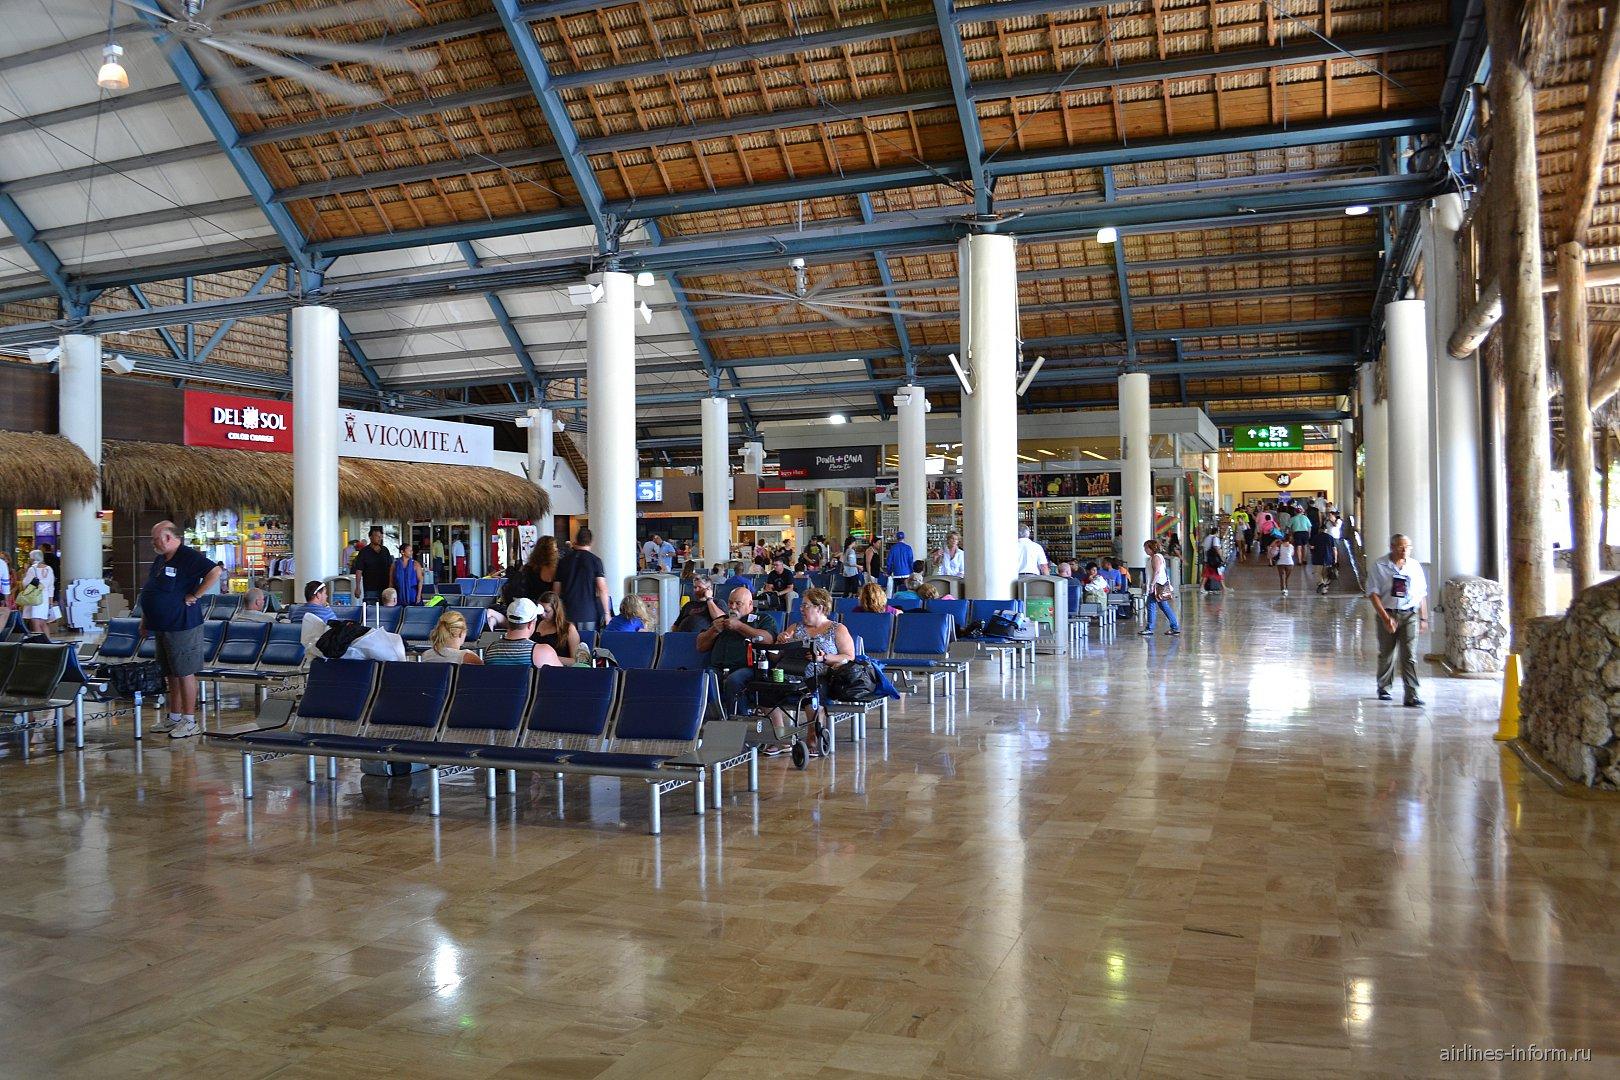 Зал ожидания в чистой зоне аэропорта Пунта-Кана